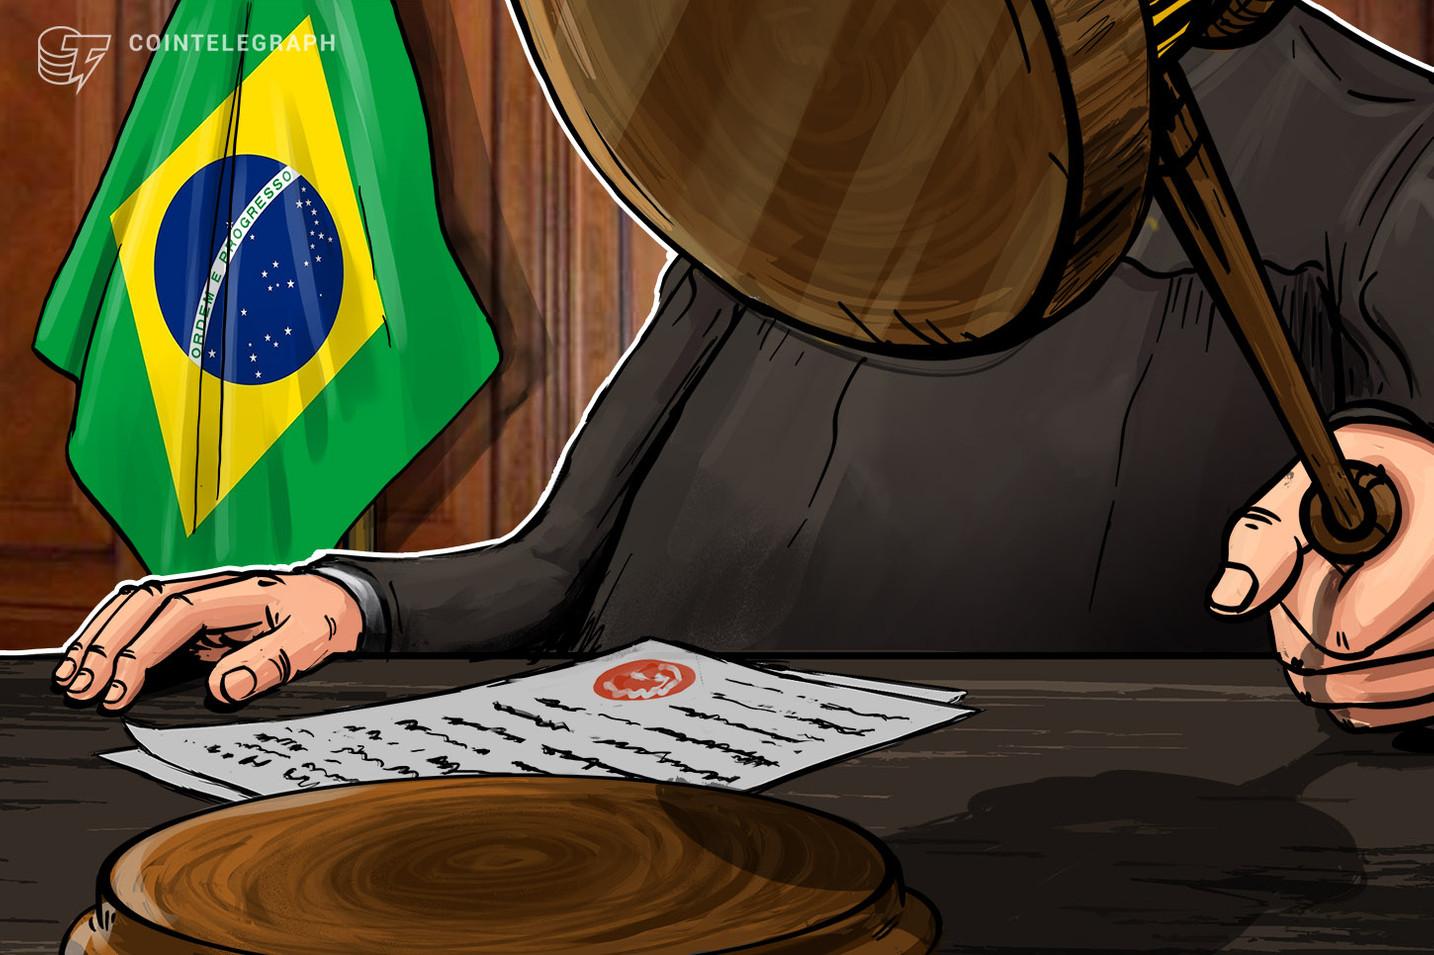 Meses depois da Operação Madoff, clientes conseguem bloqueio de mais de R$ 270.000 da TraderGroup